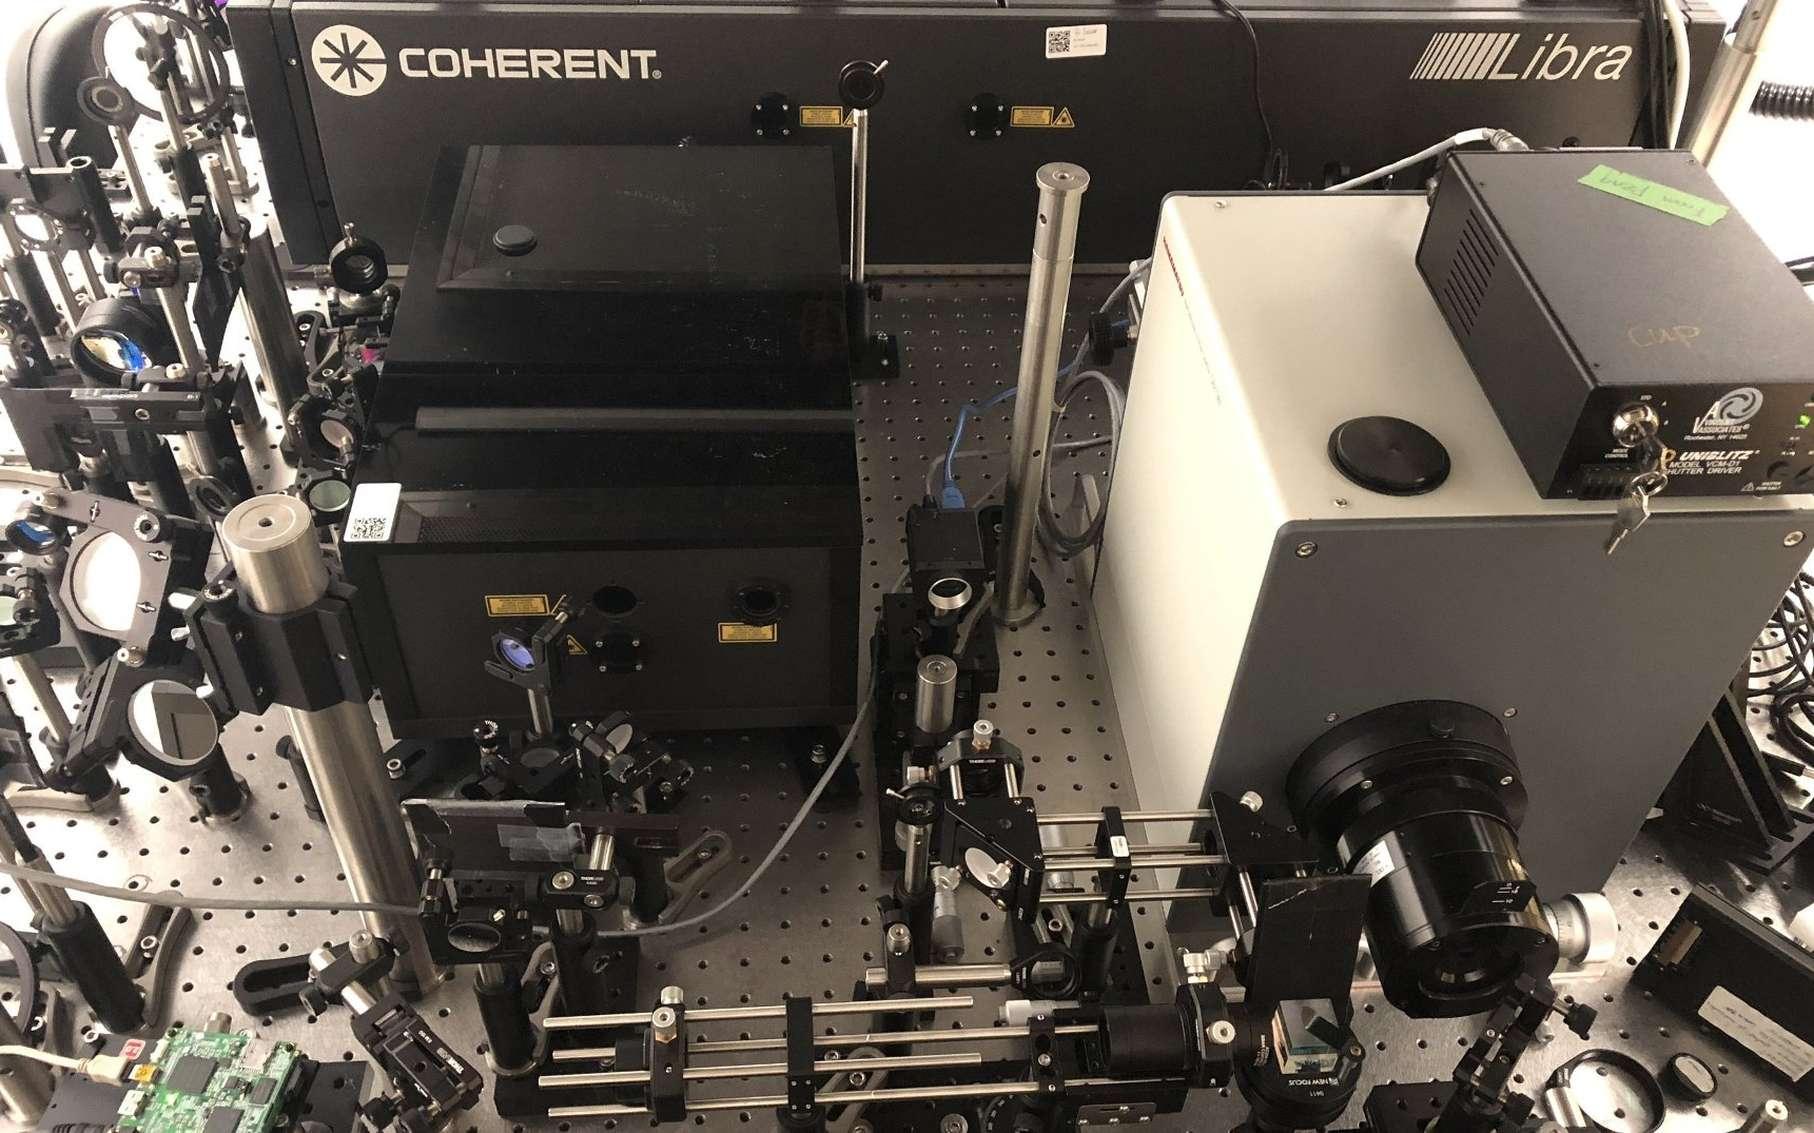 Le système de photographie ultrarapide compressée fait l'acquisition de 10.000 milliards d'images par seconde. © INRS